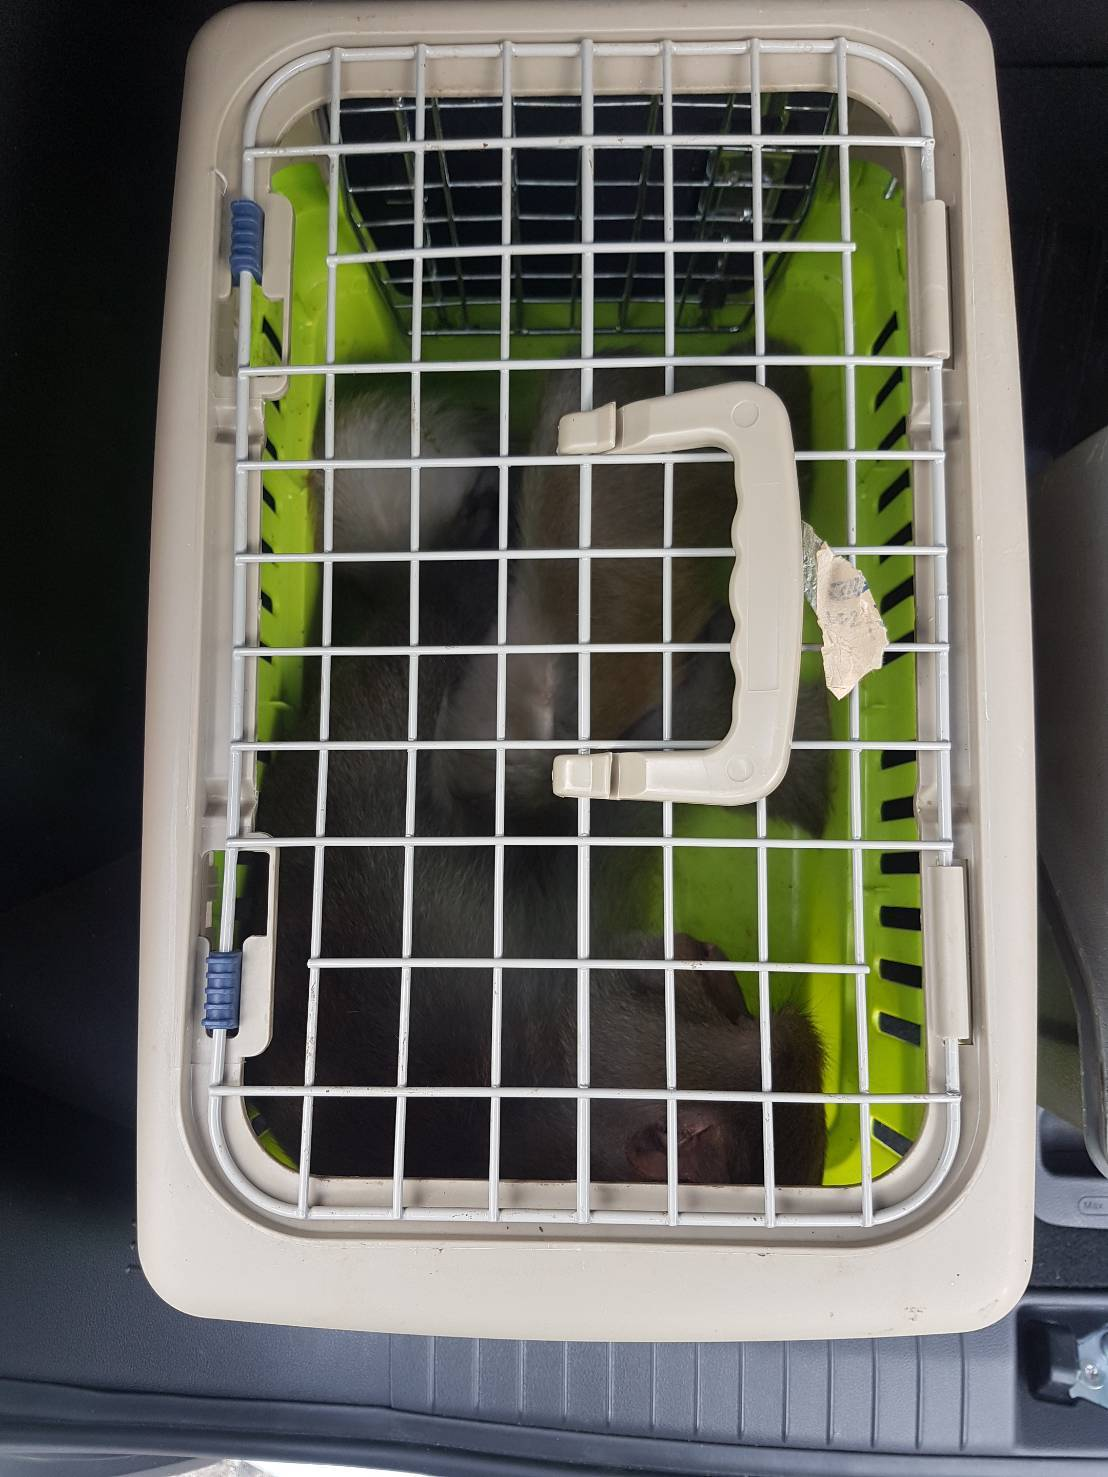 南庄神仙谷傳出有獼猴騷擾、攻擊遊客,苗栗縣政府農業處昨天下午派員將猴子逮住。圖/...